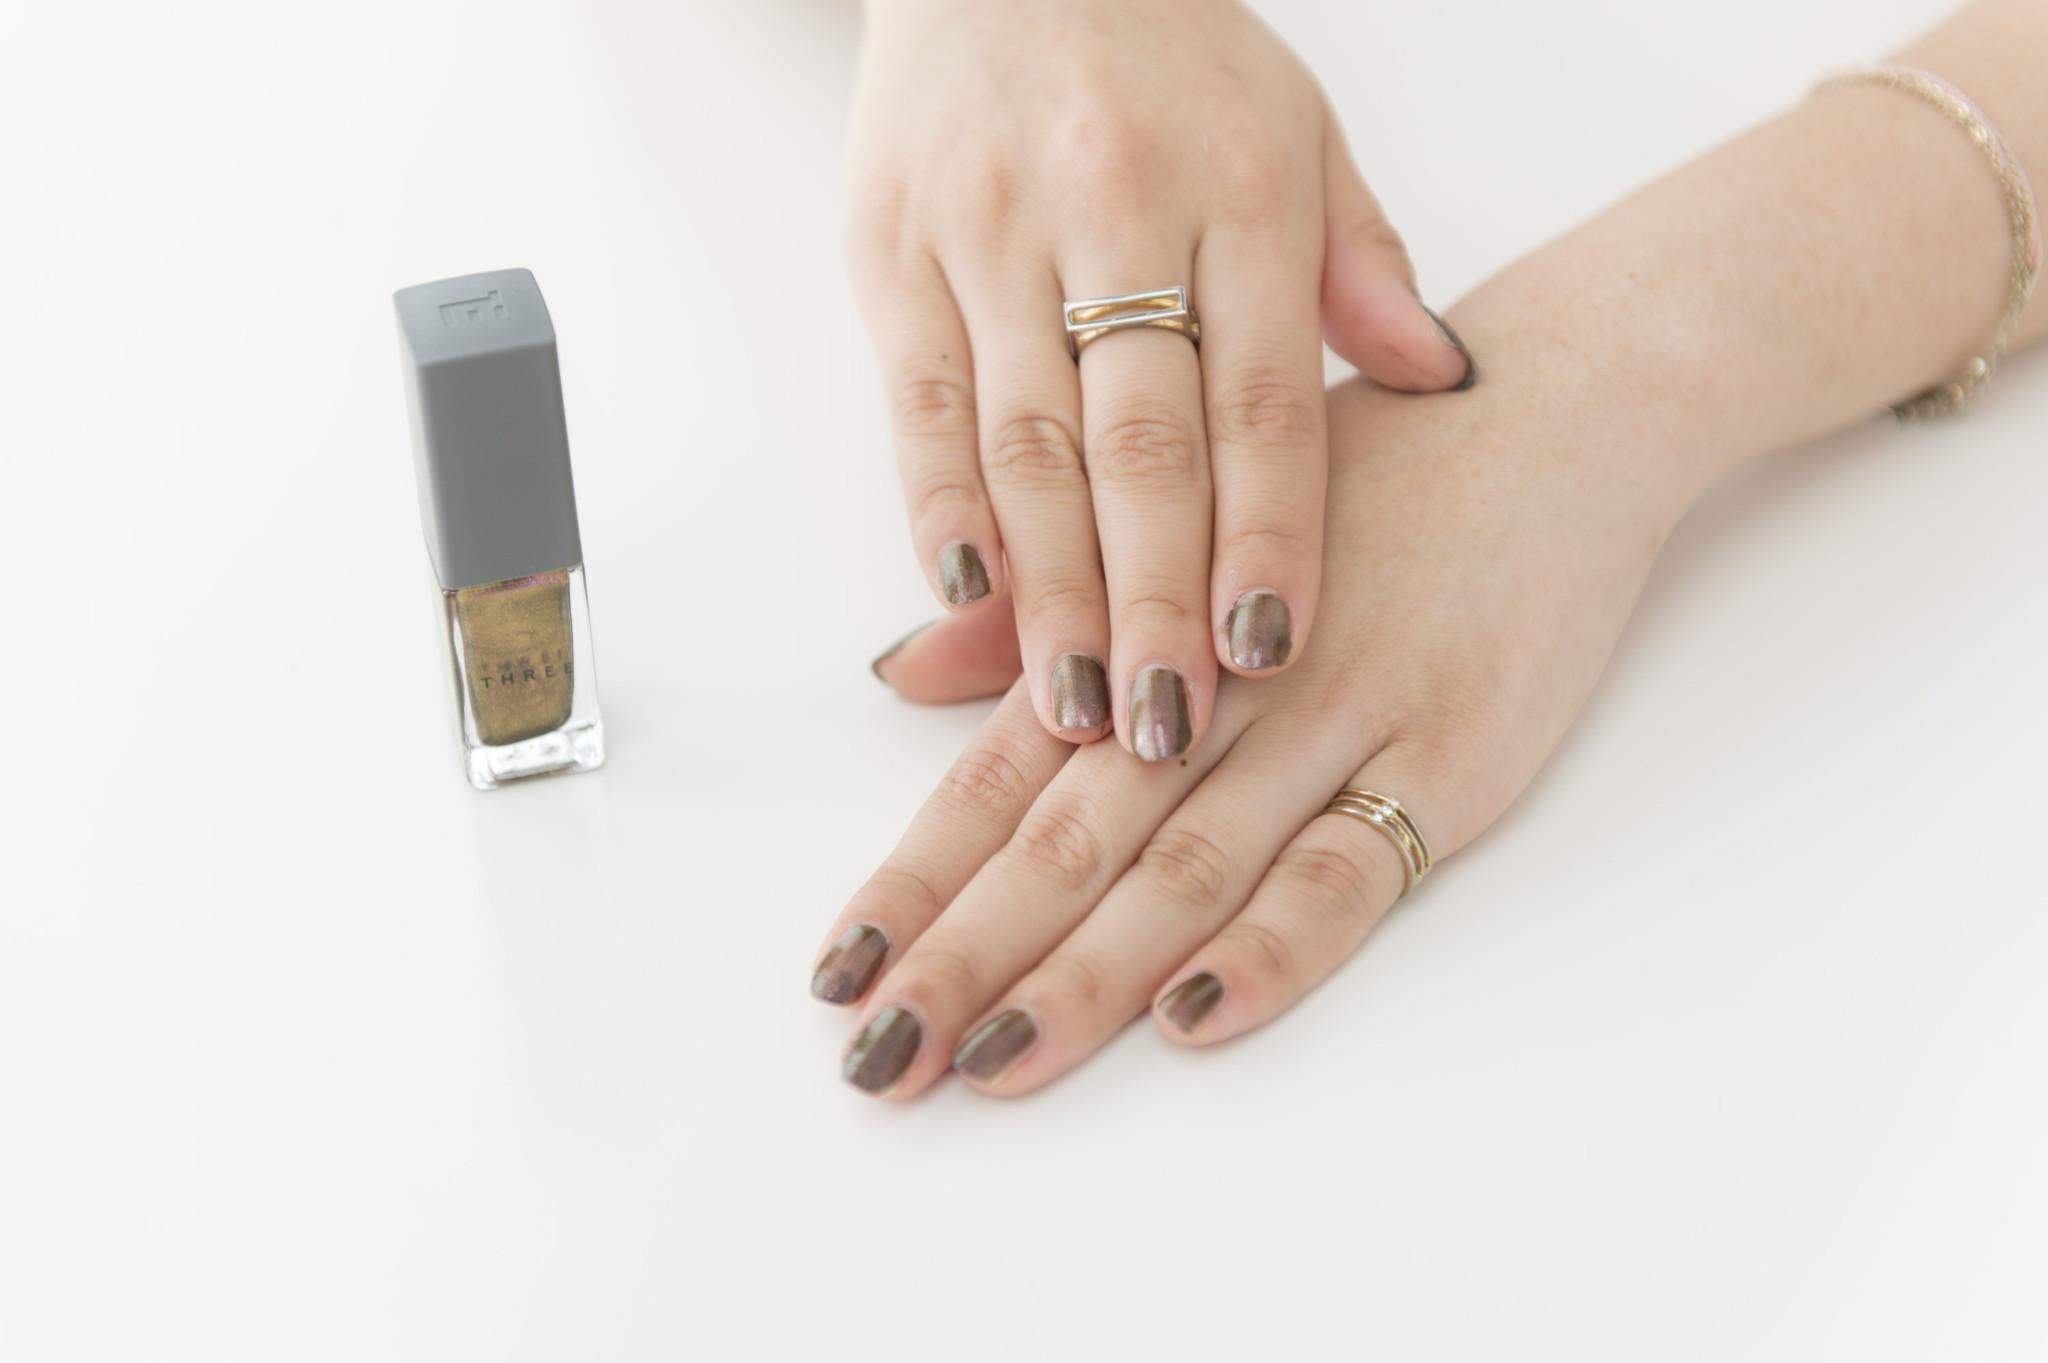 40番を塗ってみた中村さん。「色っぽい指先に。ゴールドのアクセサリーとも相性ぴったりです」